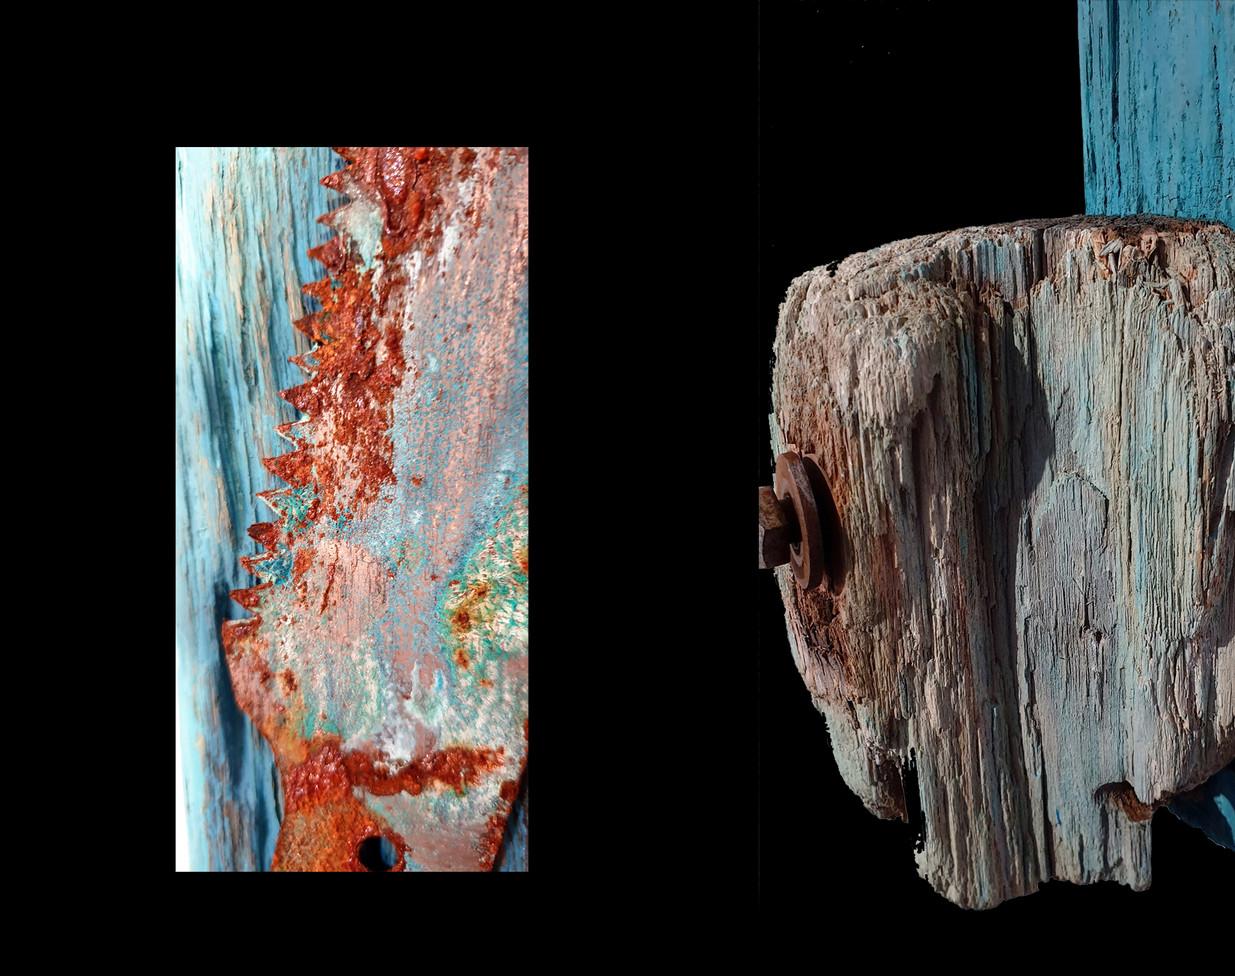 fotobuch blue patina 2.jpg